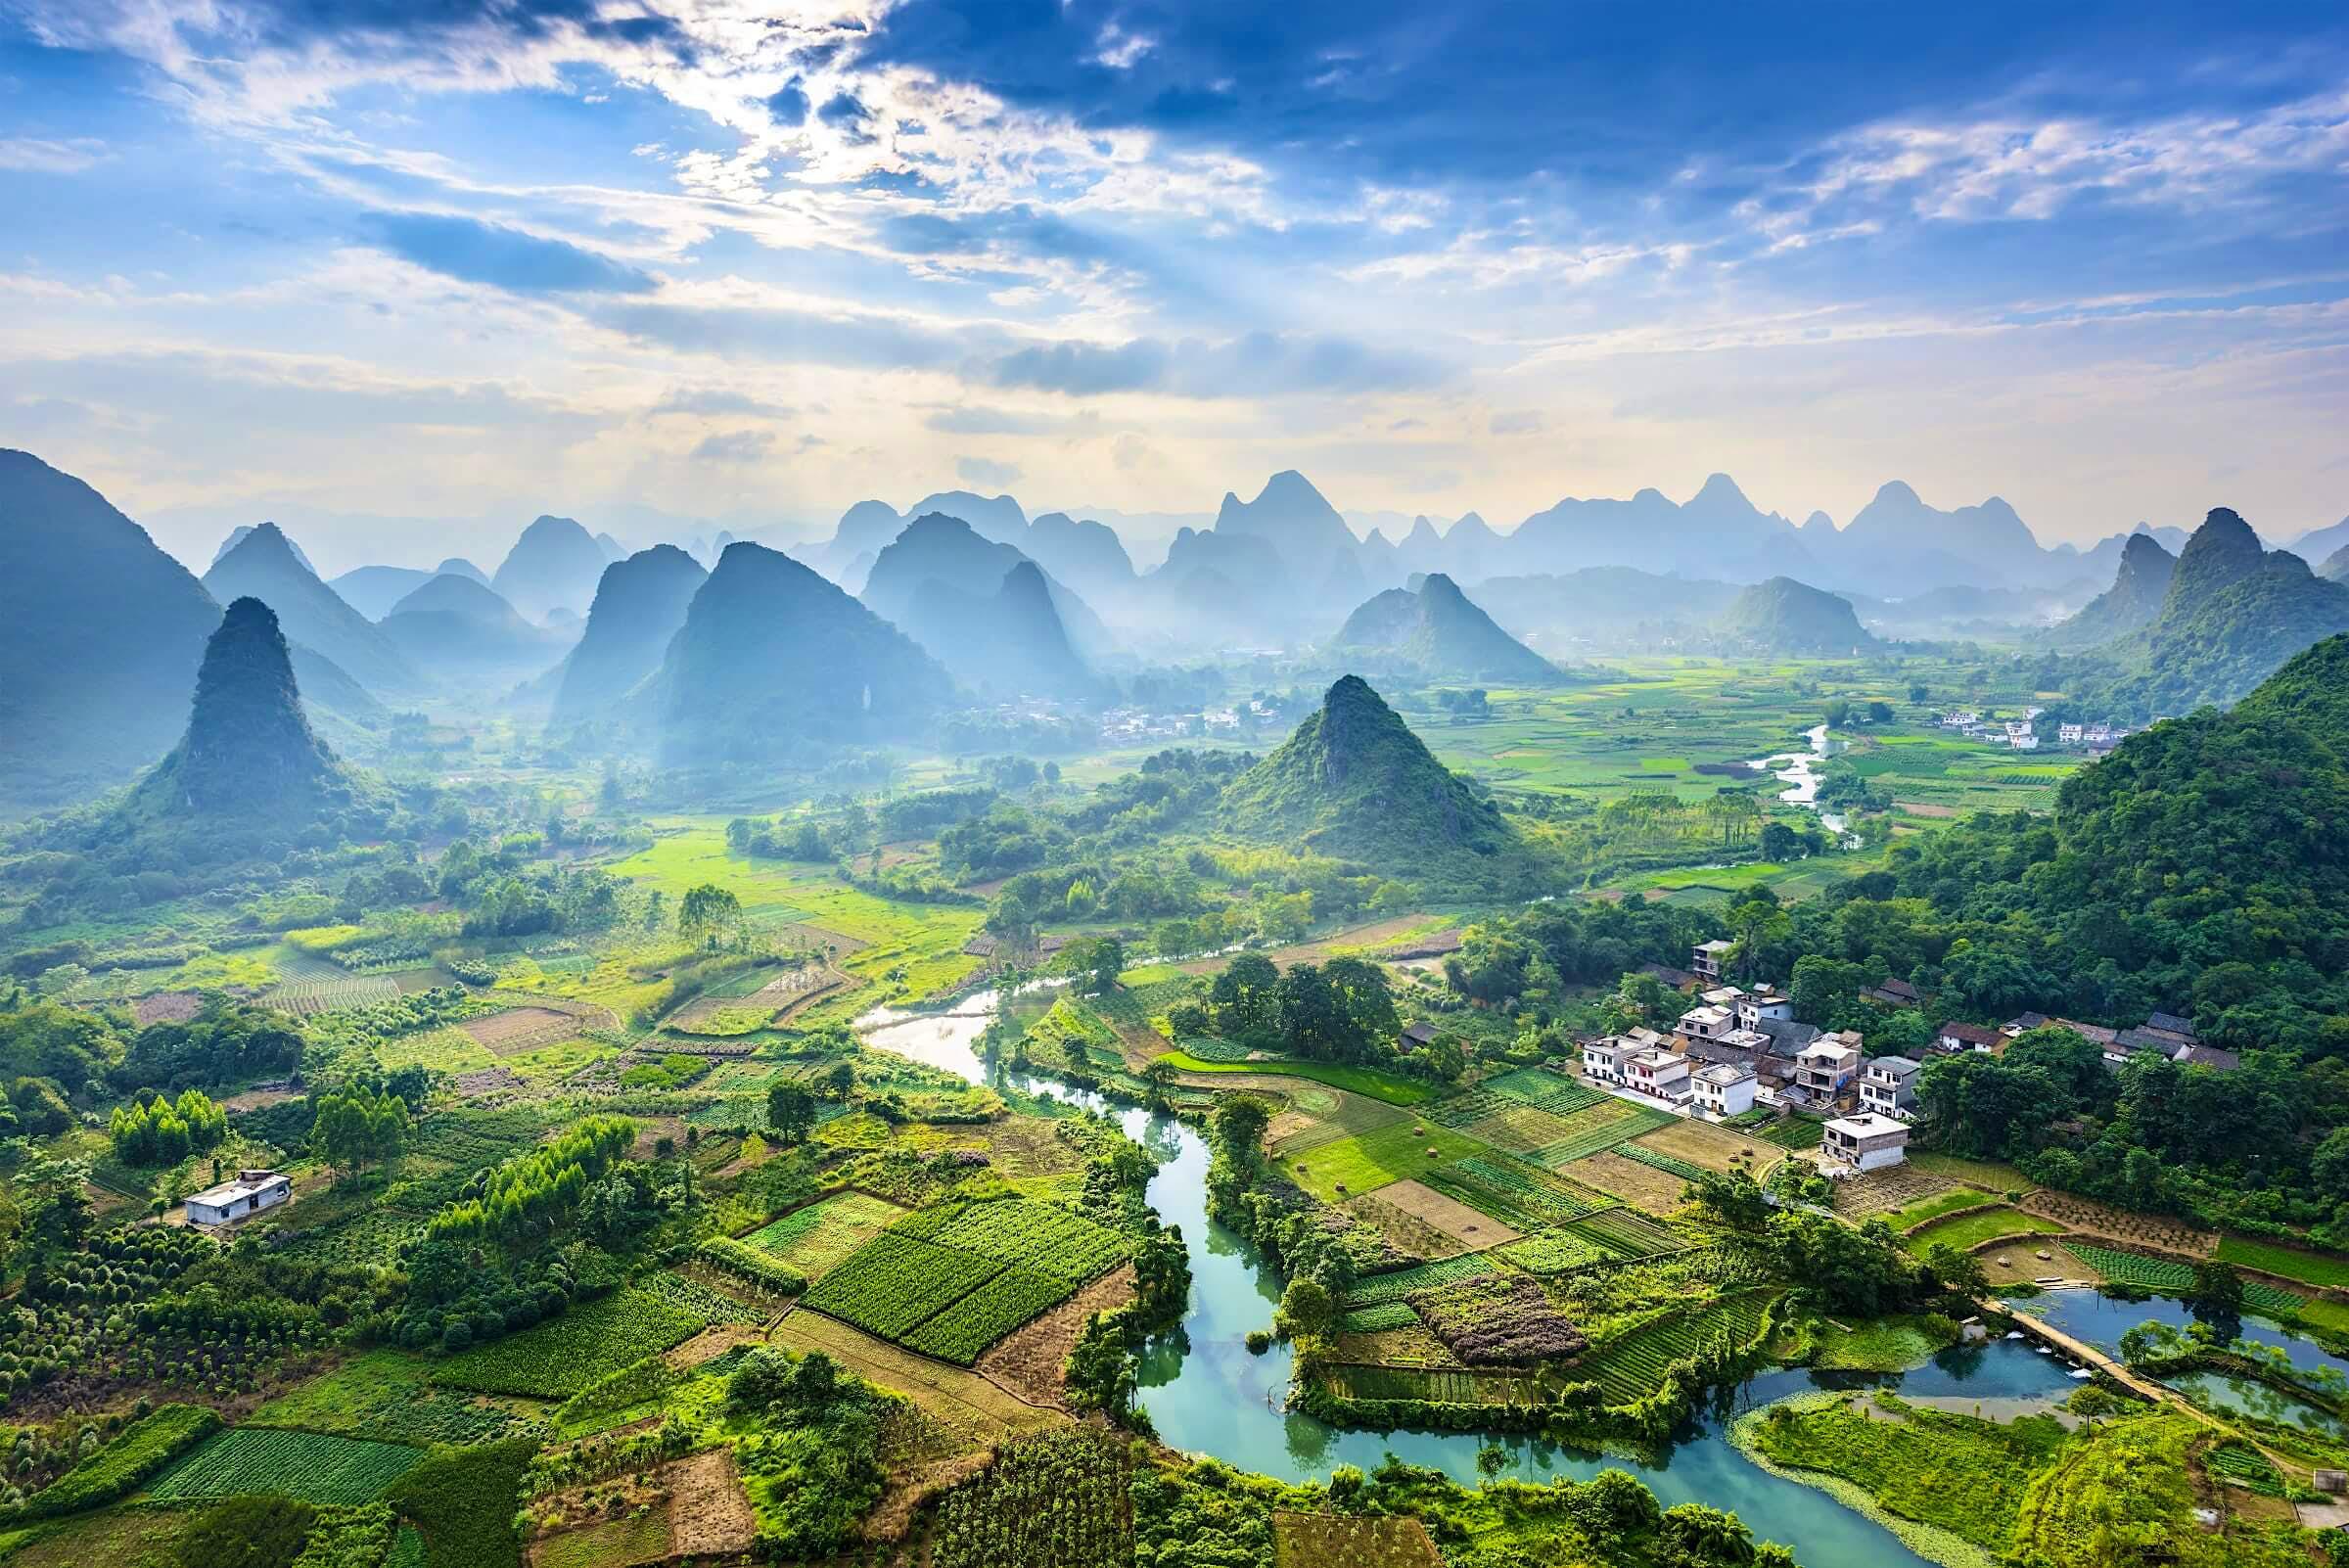 Noticias de viajes - cubierta de follaje de china